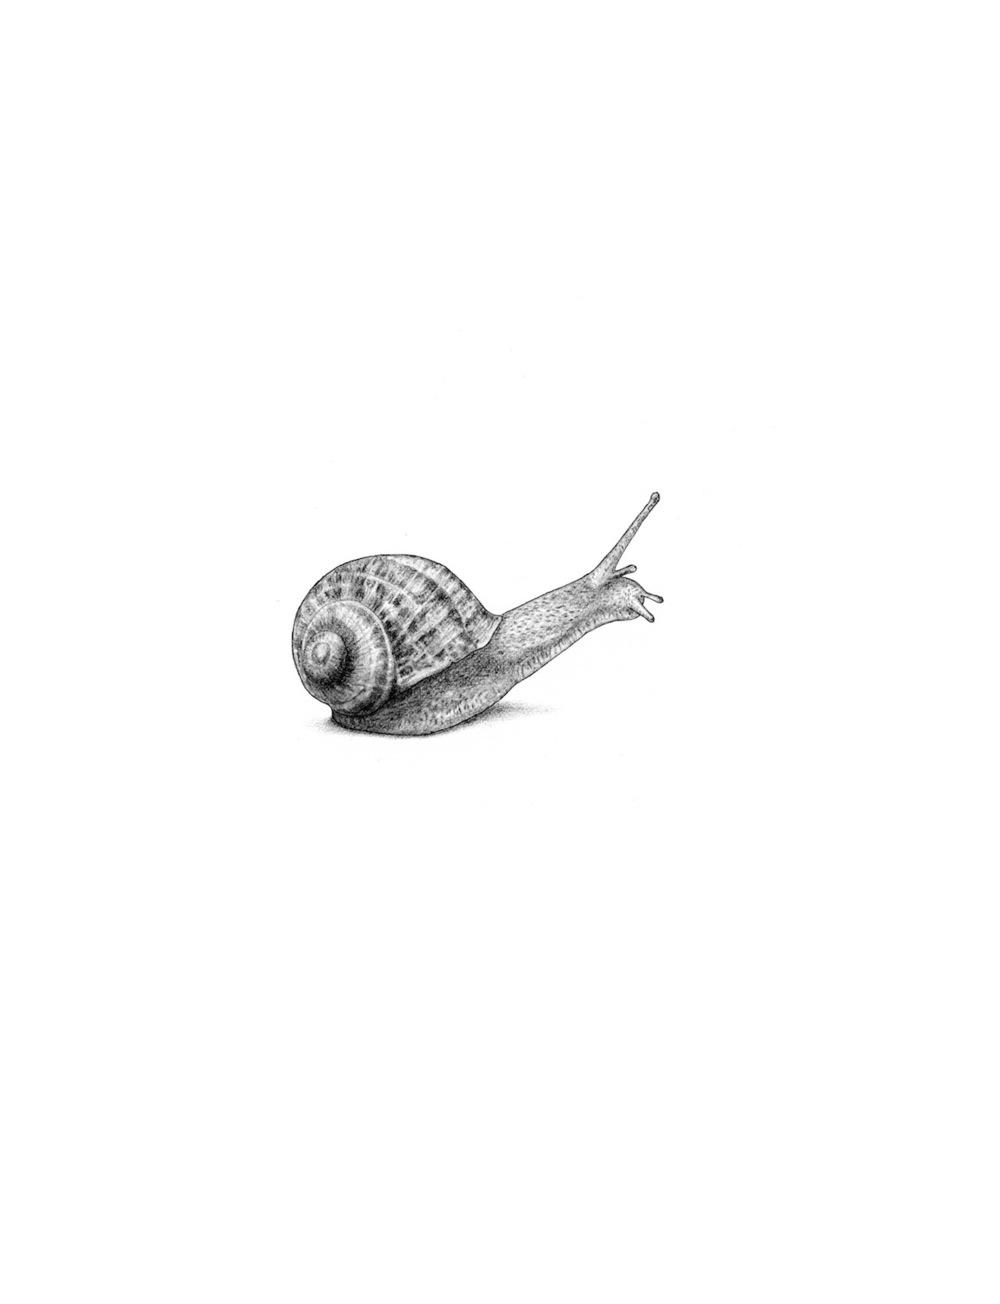 ss.snail.jpg